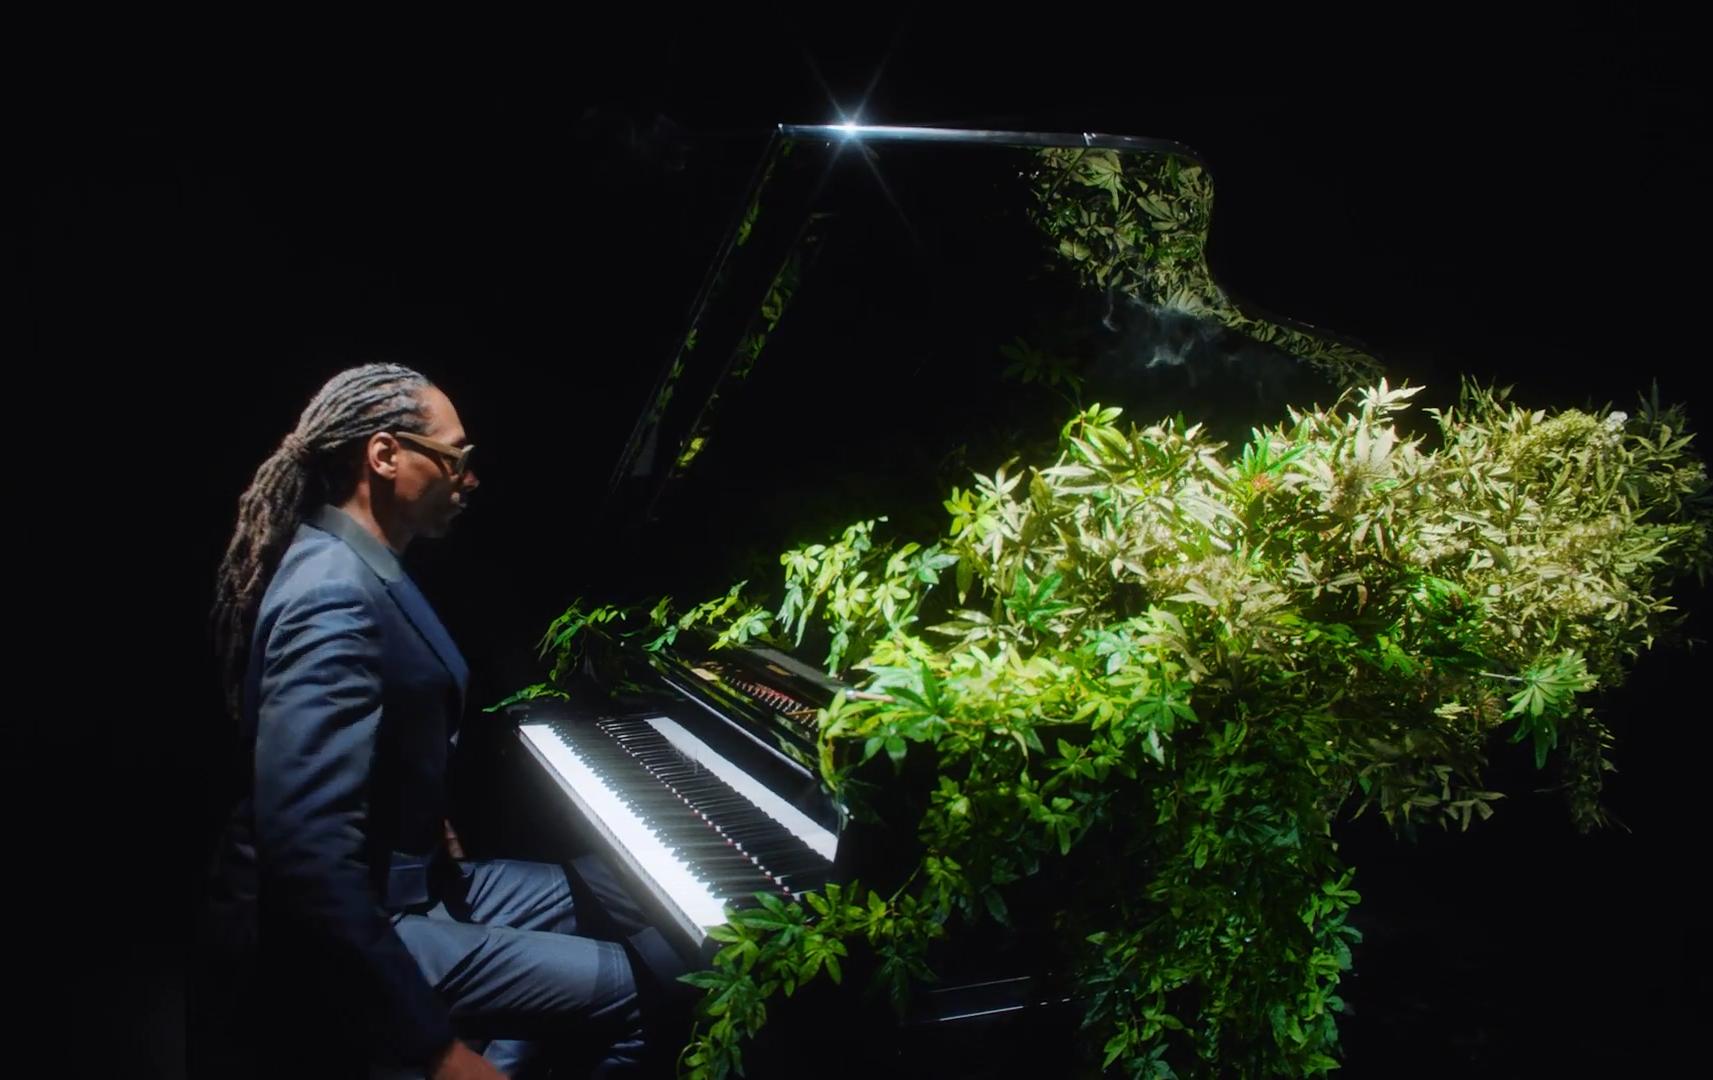 Músicas para viajar & relaxar: 420 Piano Bar